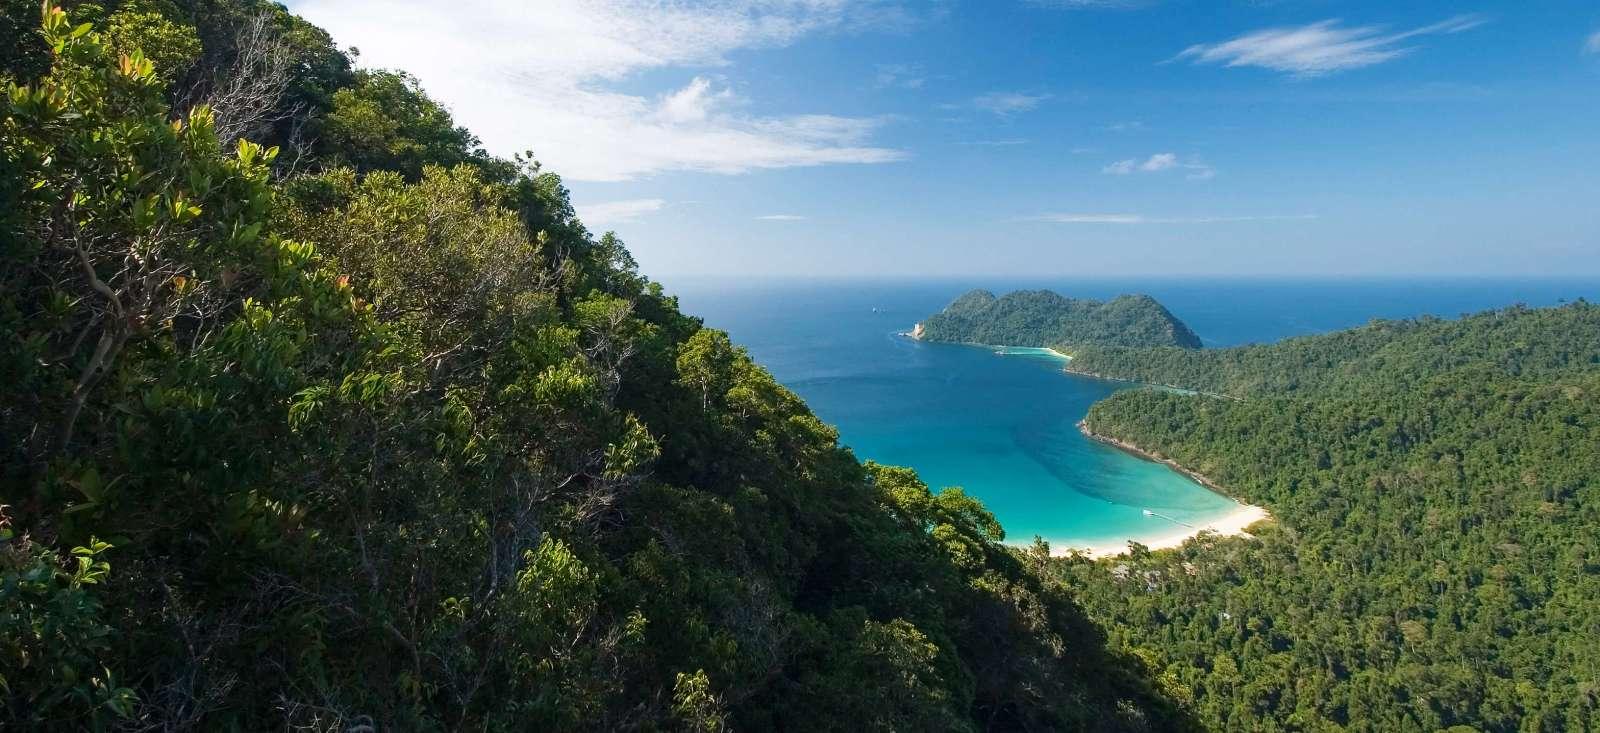 Voyage à pied : Cabotage dans les îles Mergui